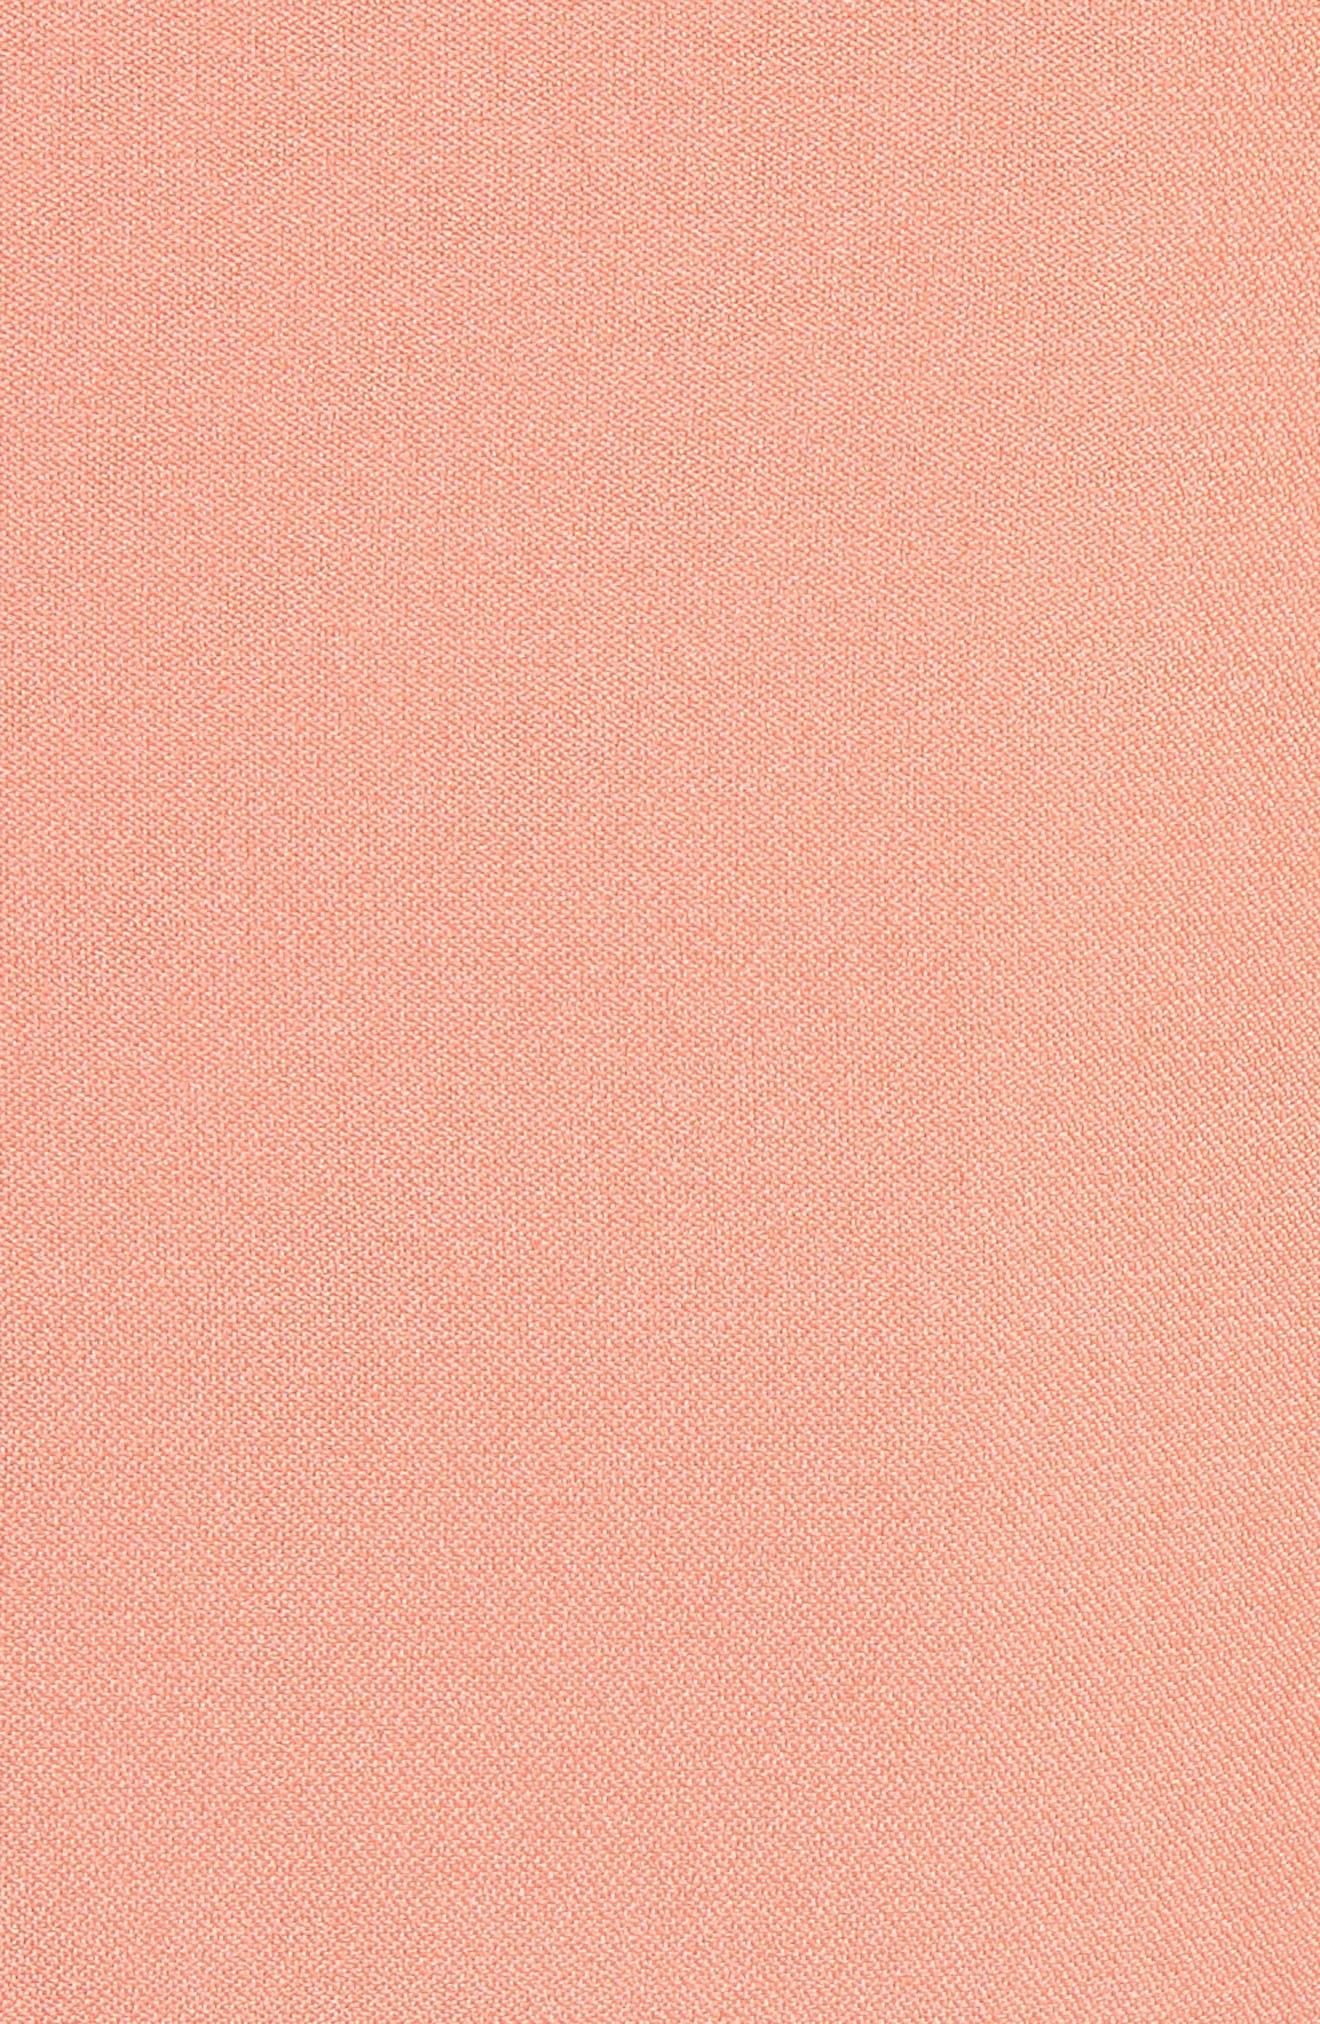 Himera Wrap Dress,                             Alternate thumbnail 5, color,                             950